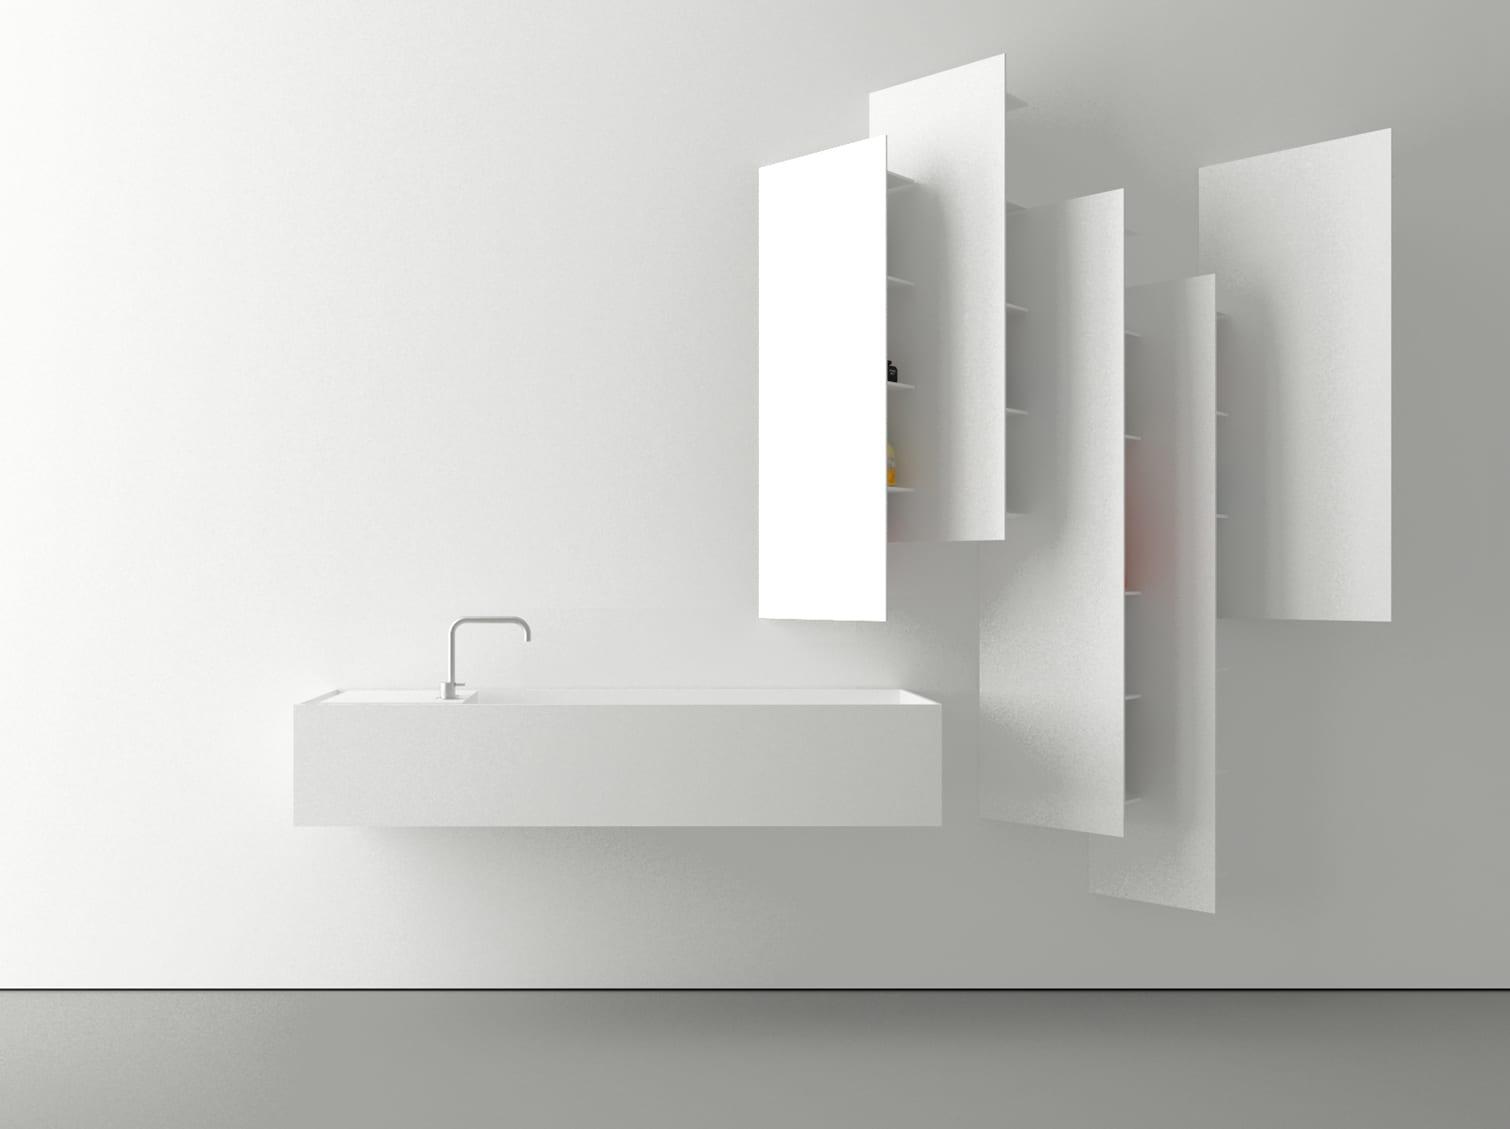 kreative wandgestaltung badezimmer mit weißen badezimmerregalen von boffi